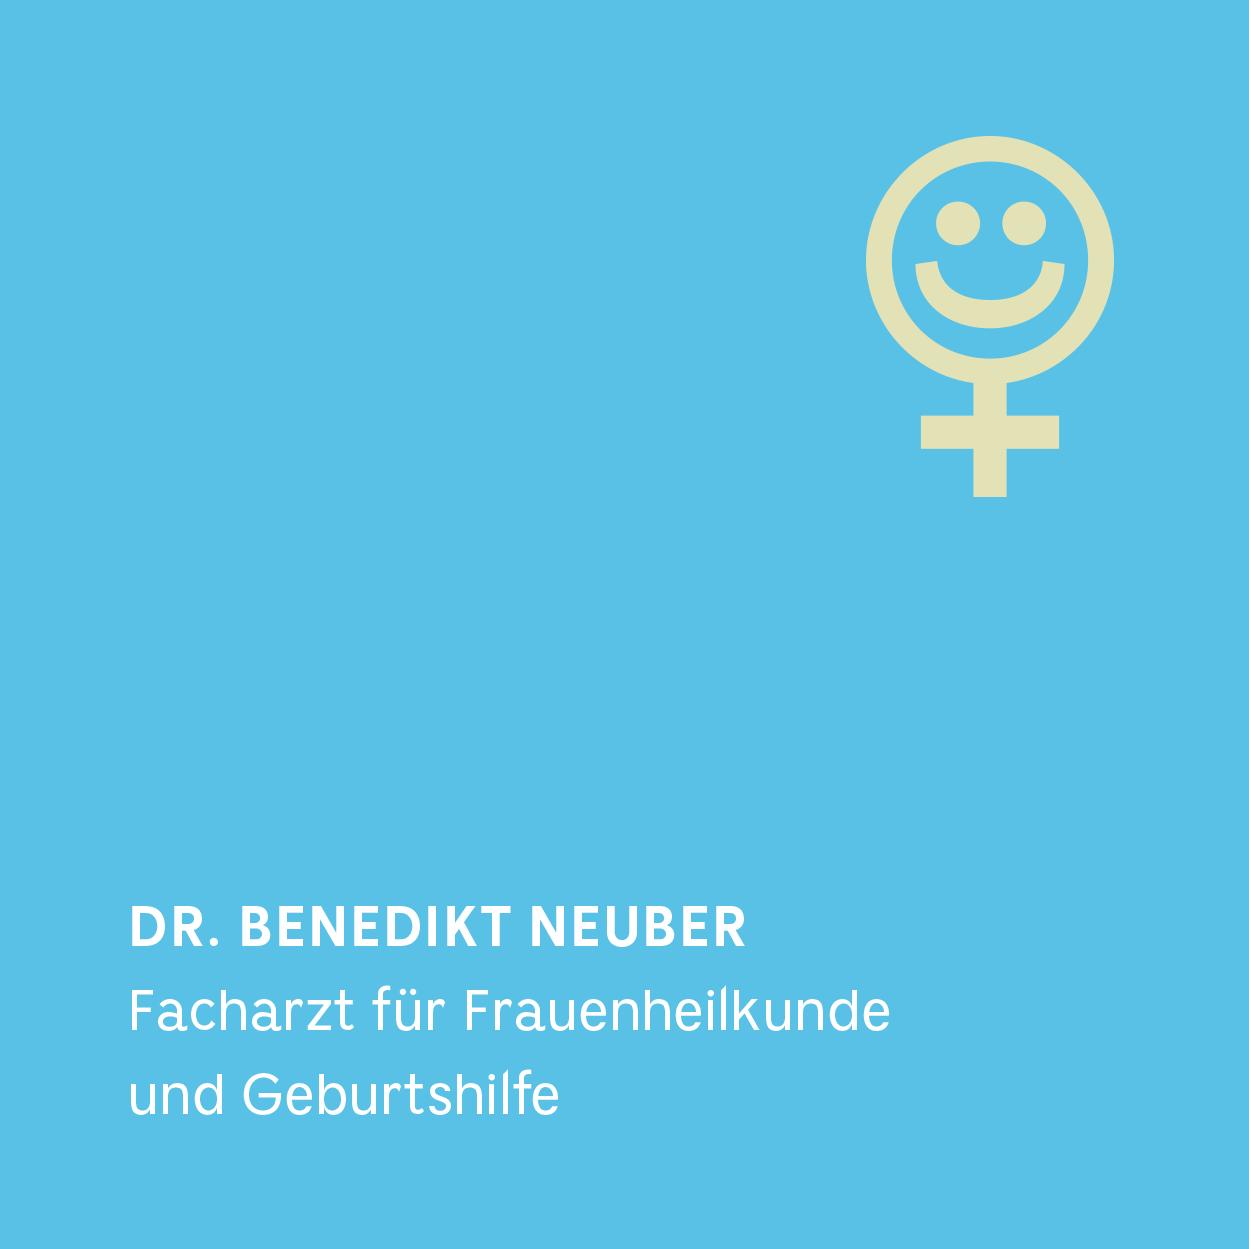 Logo von Ordination Dr. Benedikt Neuber